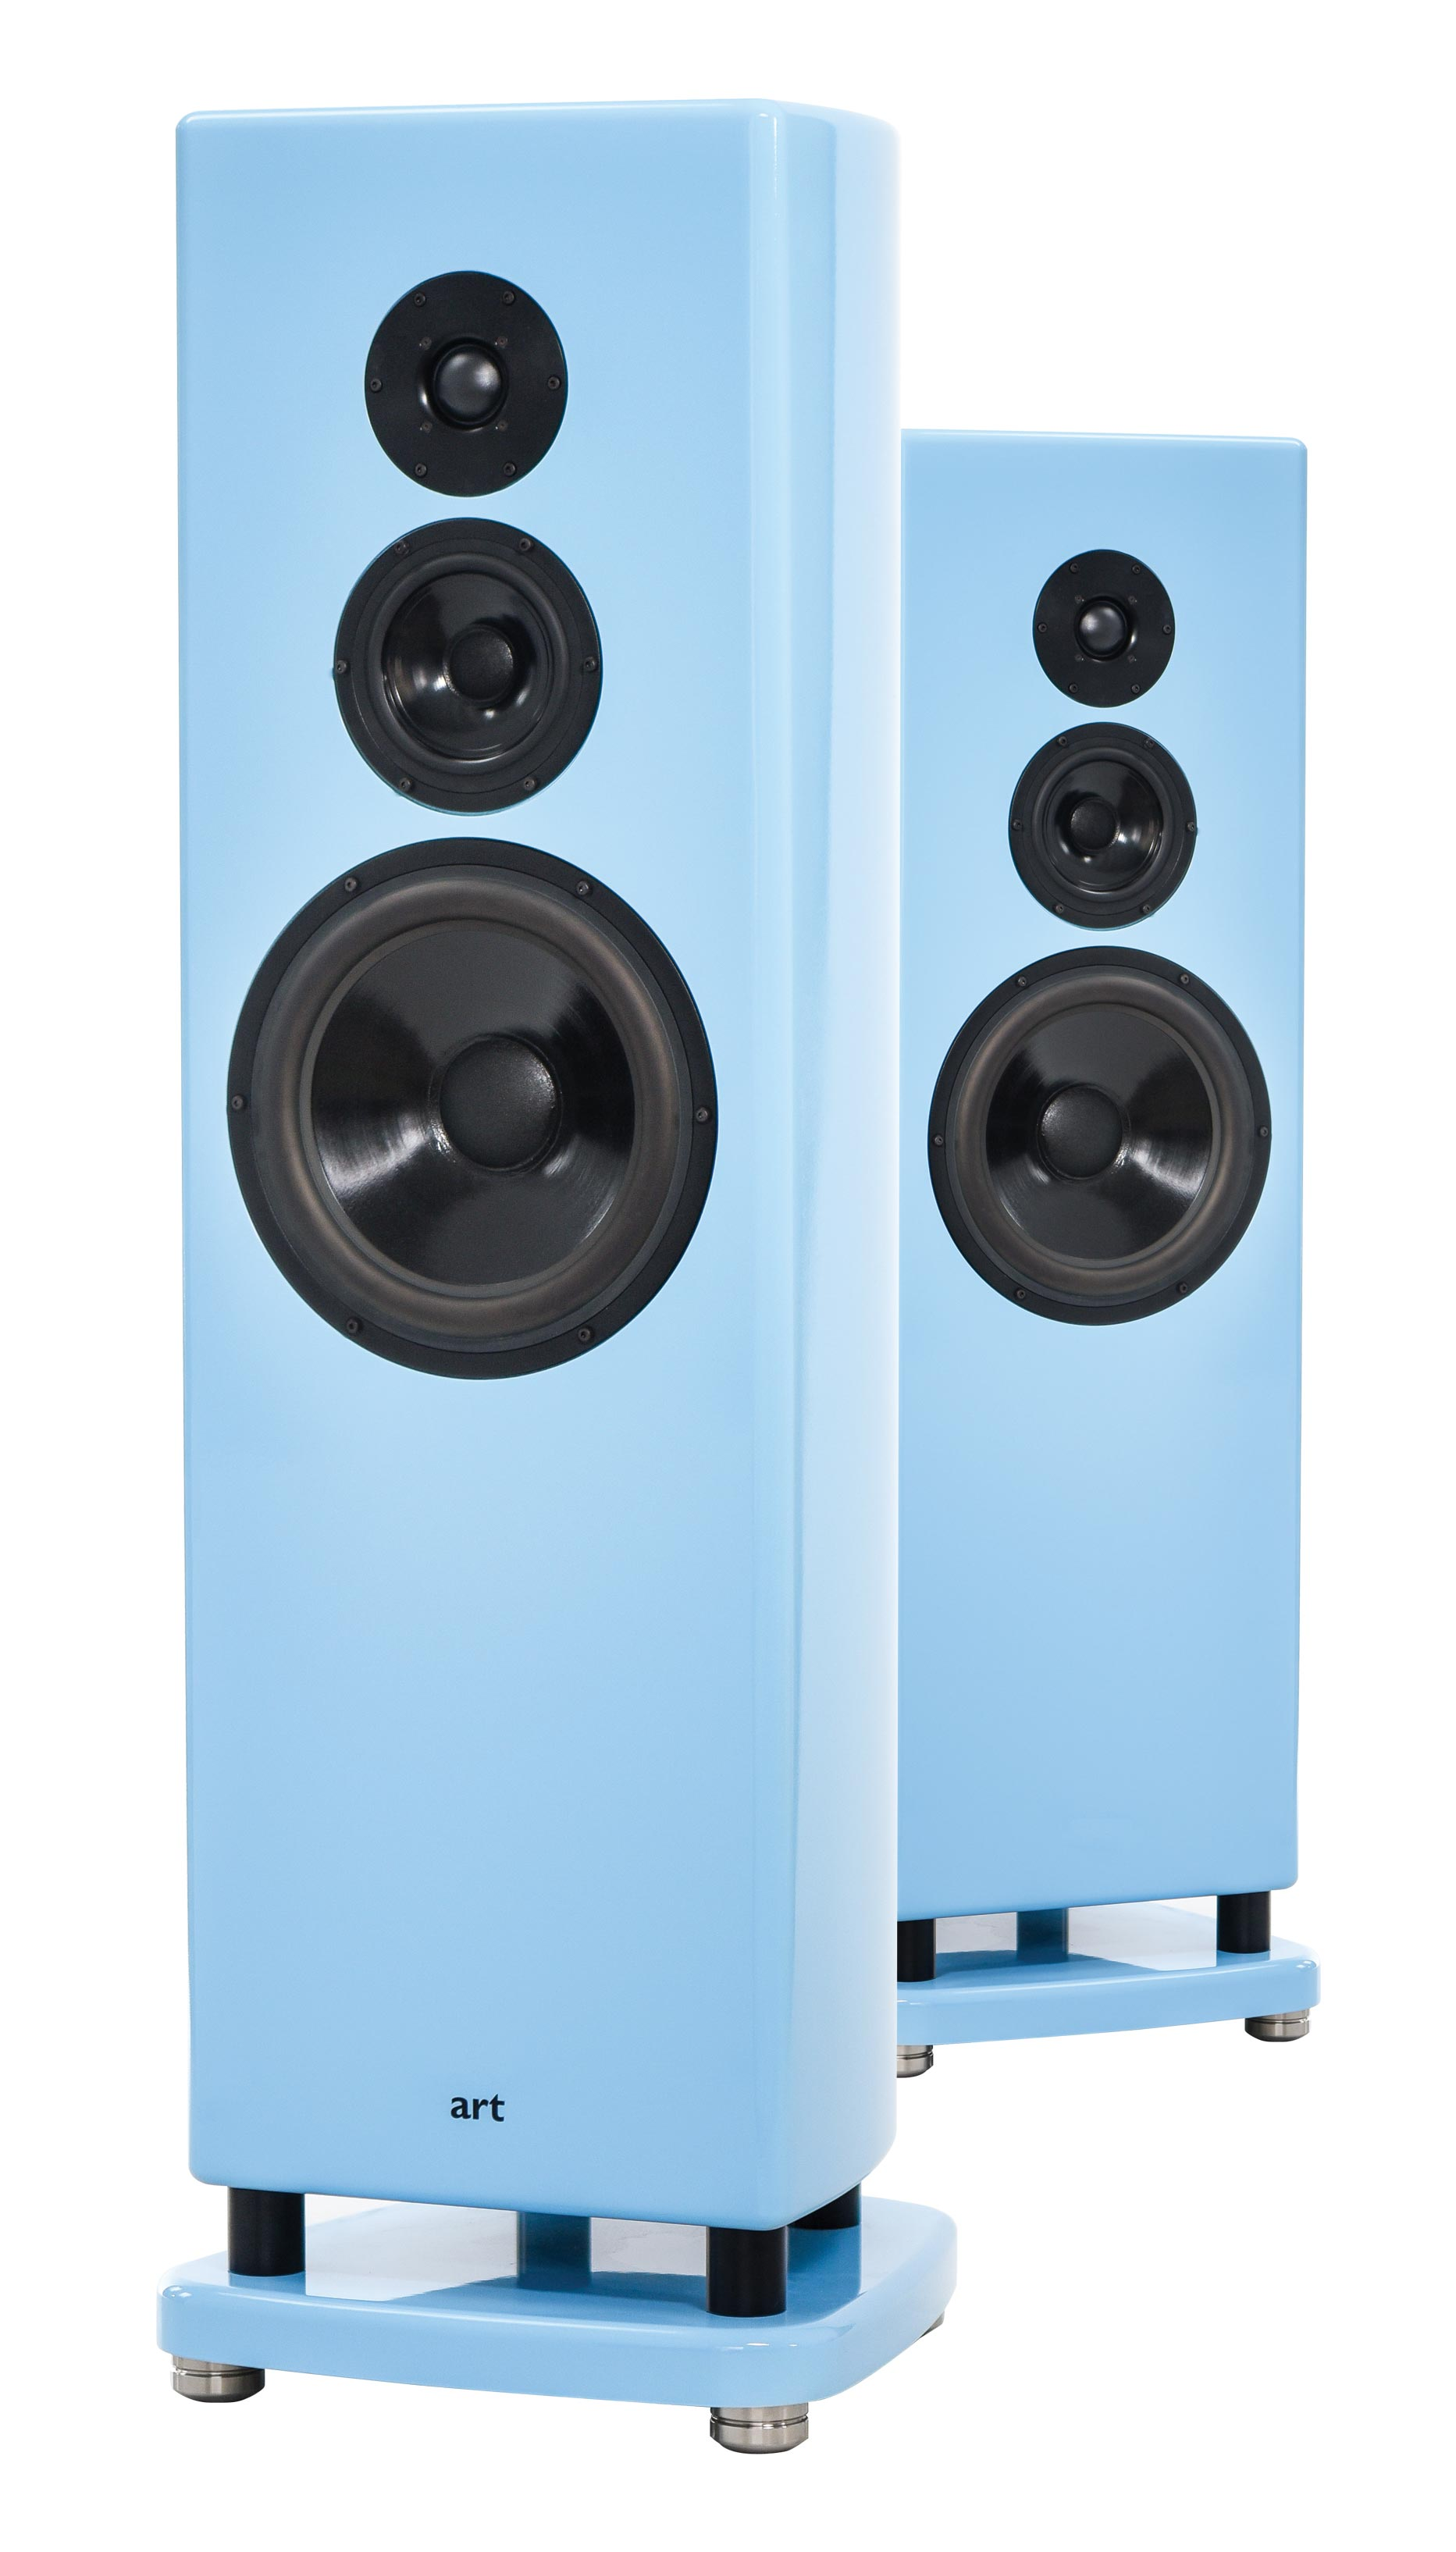 art-dram-10-speaker-pair.jpg